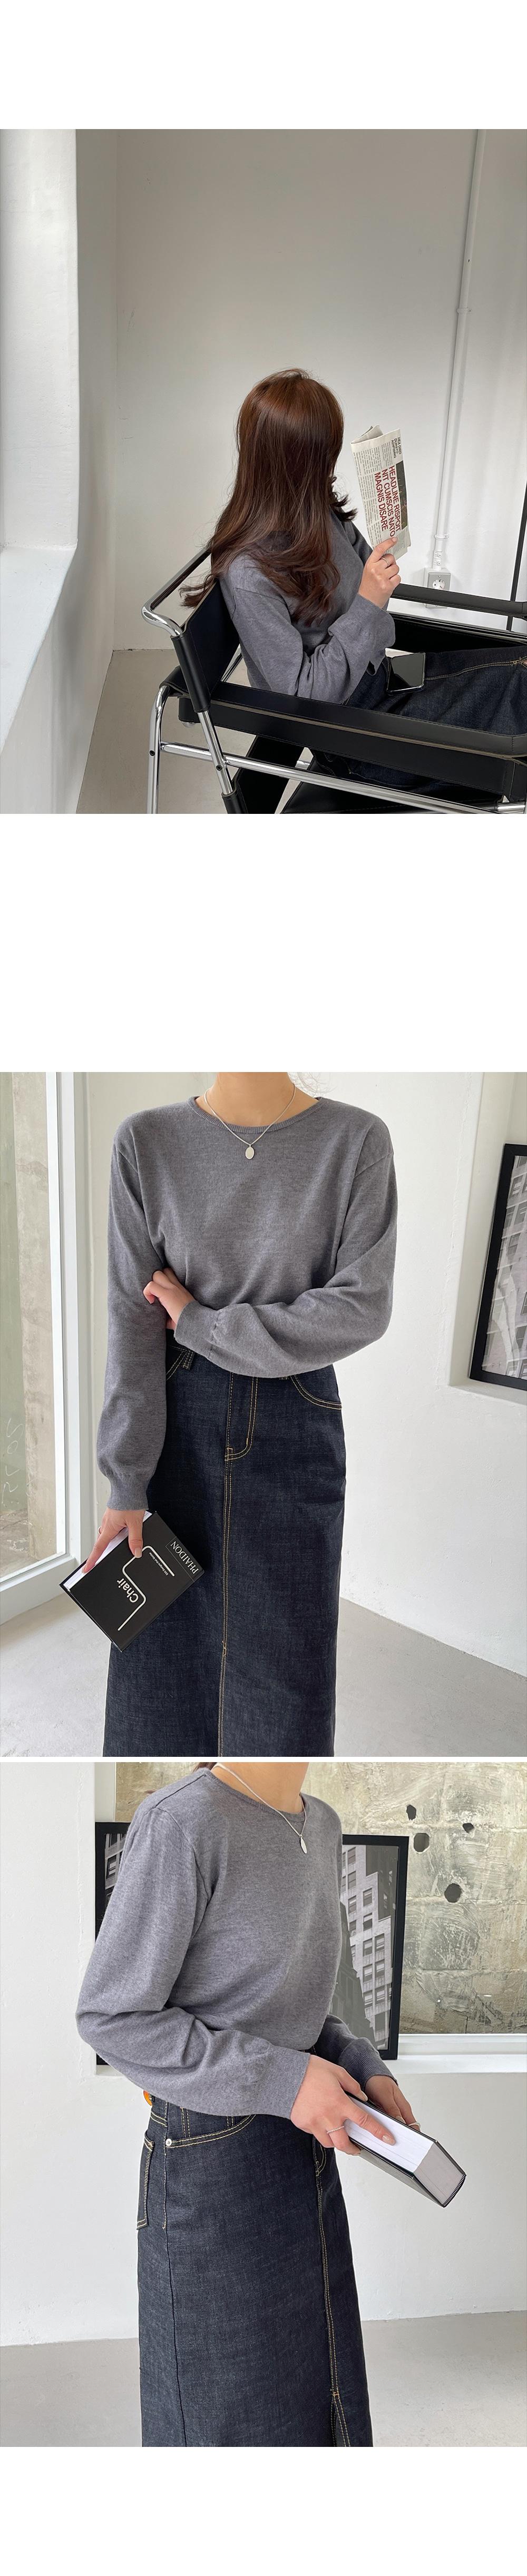 Soft Round Knit Top-holiholic.com